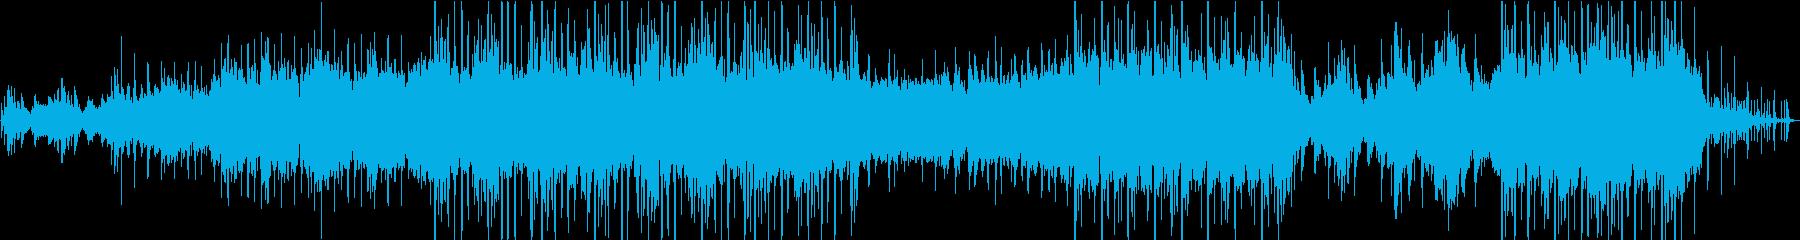 和風の安らぎ・癒されるHIP HOPの再生済みの波形